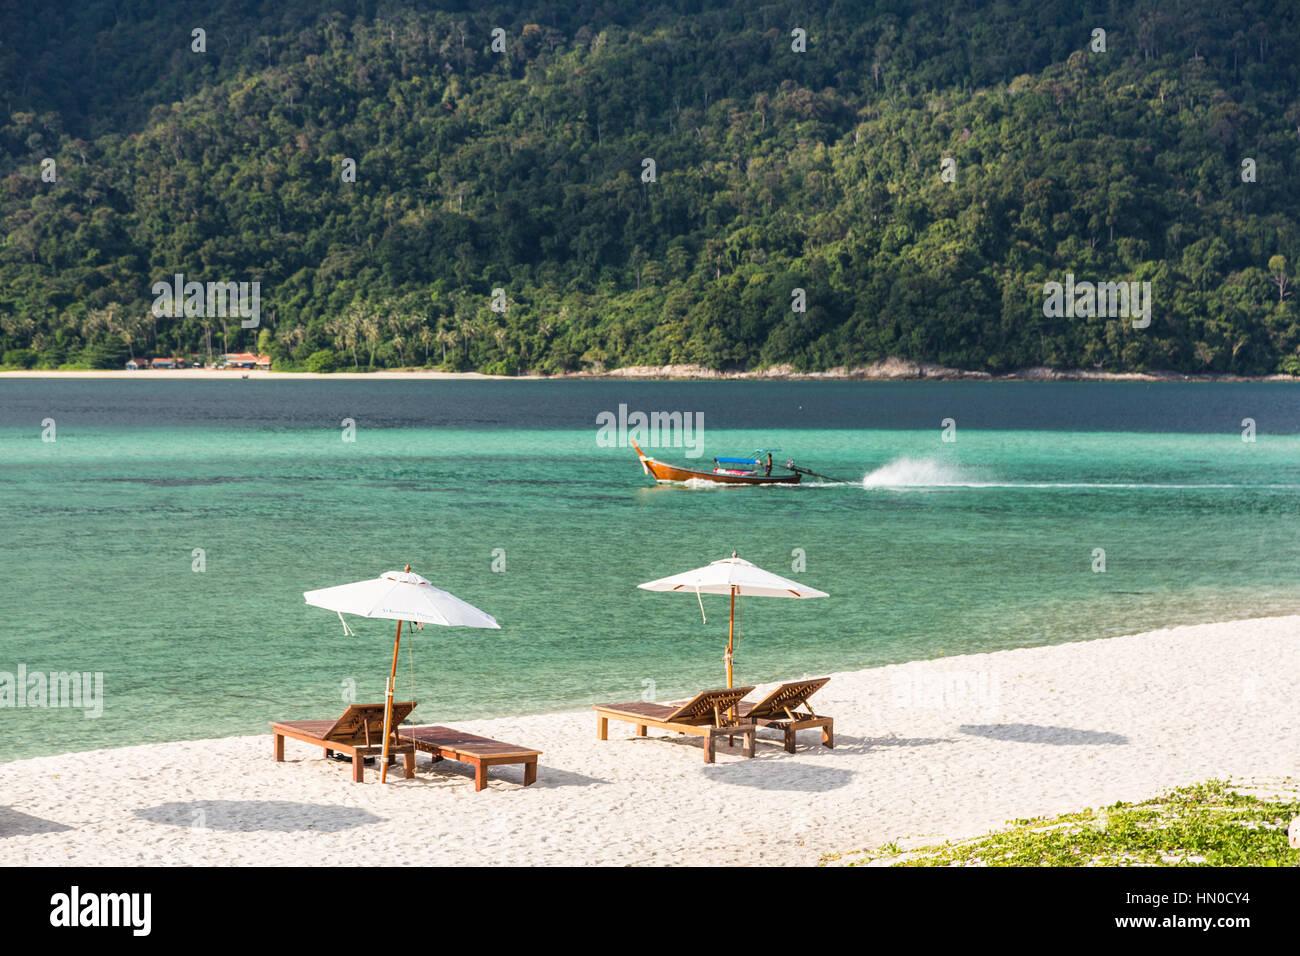 Idyllique plage de sable blanc avec chaises longues et parasol à Koh Lipe Island dans le sud de la Thaïlande Photo Stock